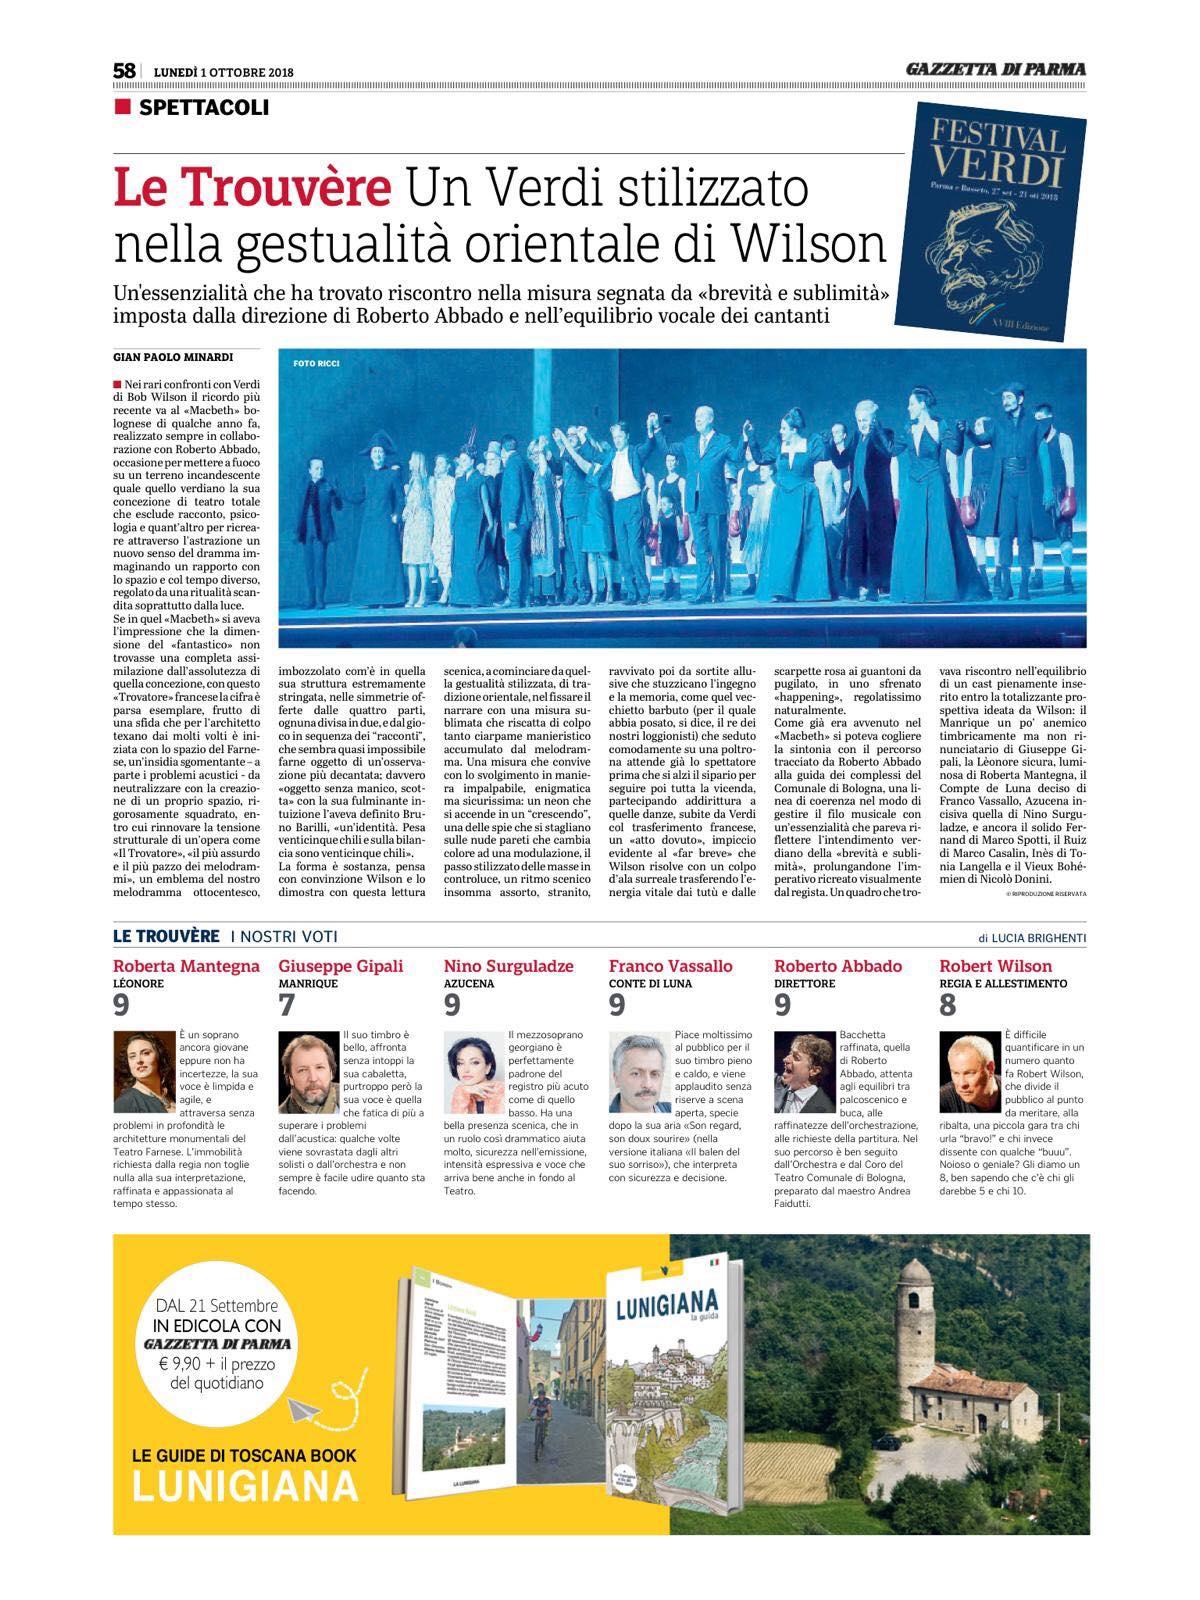 Review Il Travatore - Gazetta di Parma